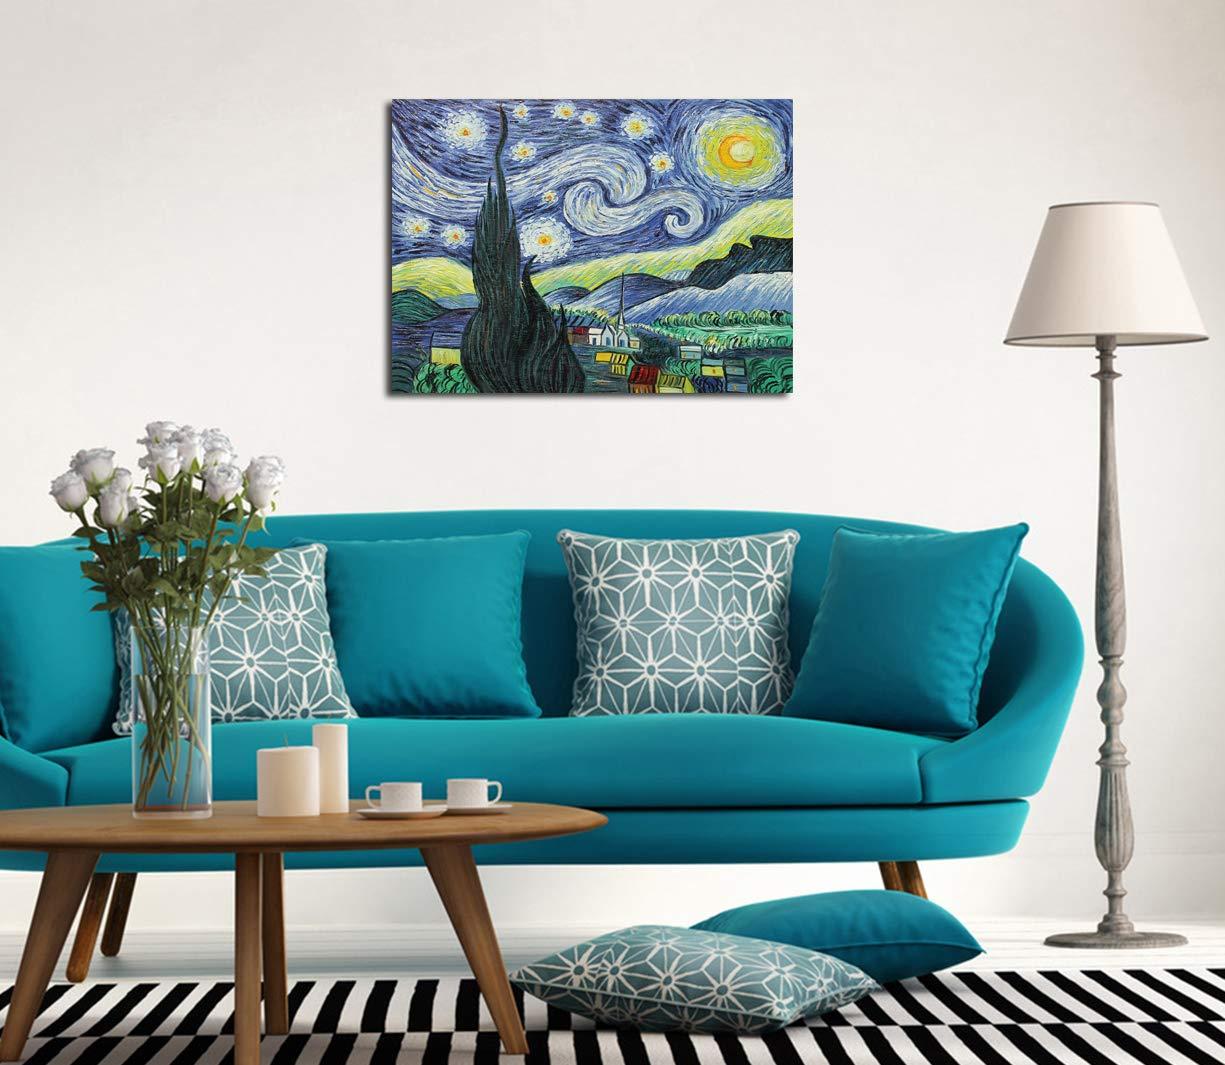 Pittura a olio su tela gi/à incorniciata Tela pronta da appendere al muro 50x60cm Fokenzary riproduzione del classico cielo stellato di Vincent Van Gogh